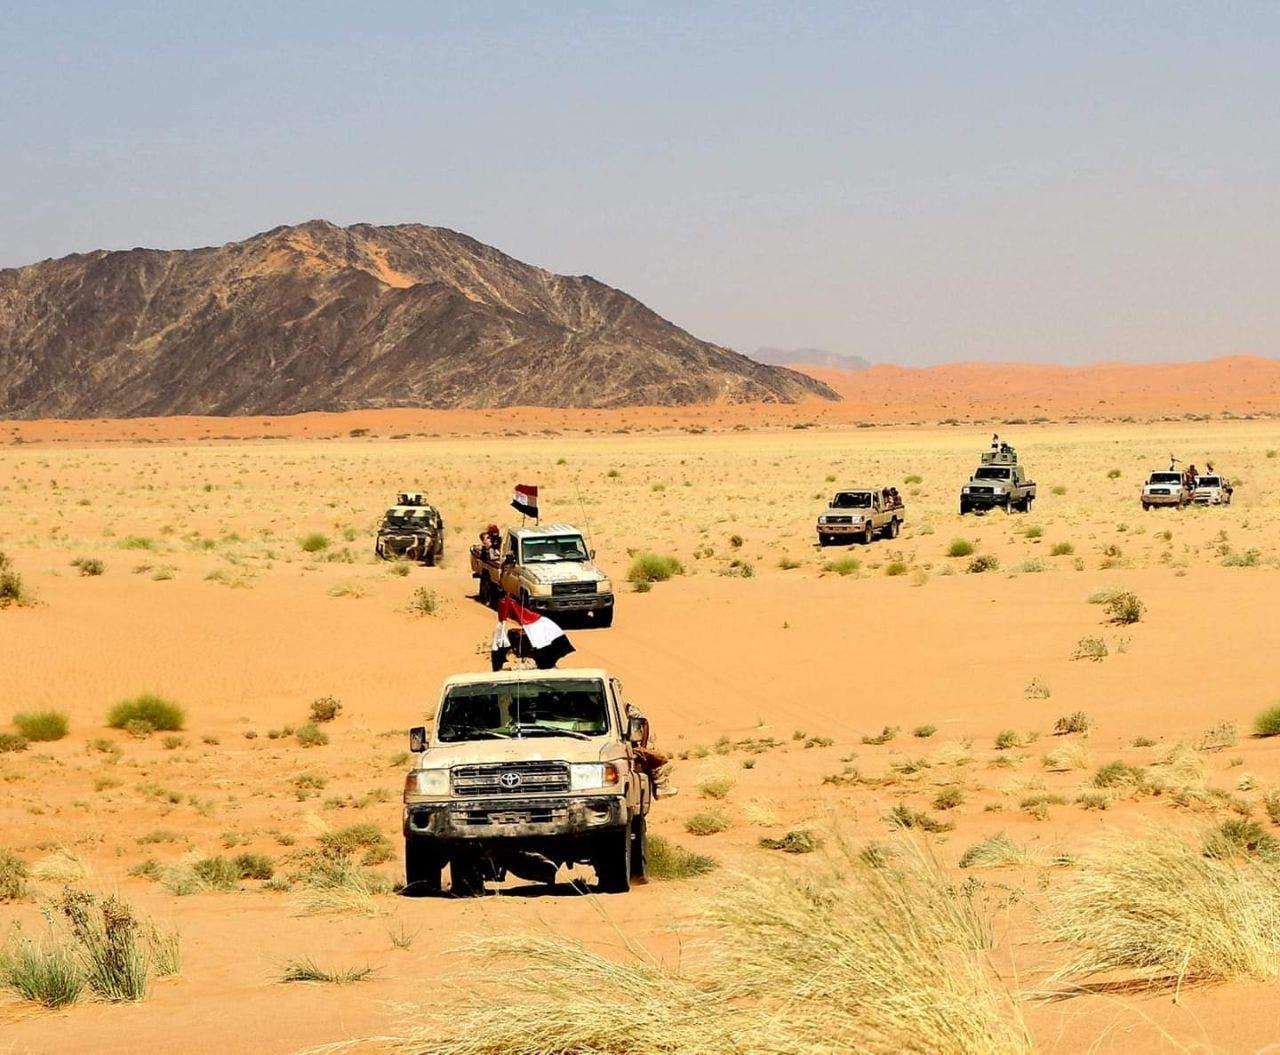 آليات عسكرية تابعة لـ الجيش اليمني